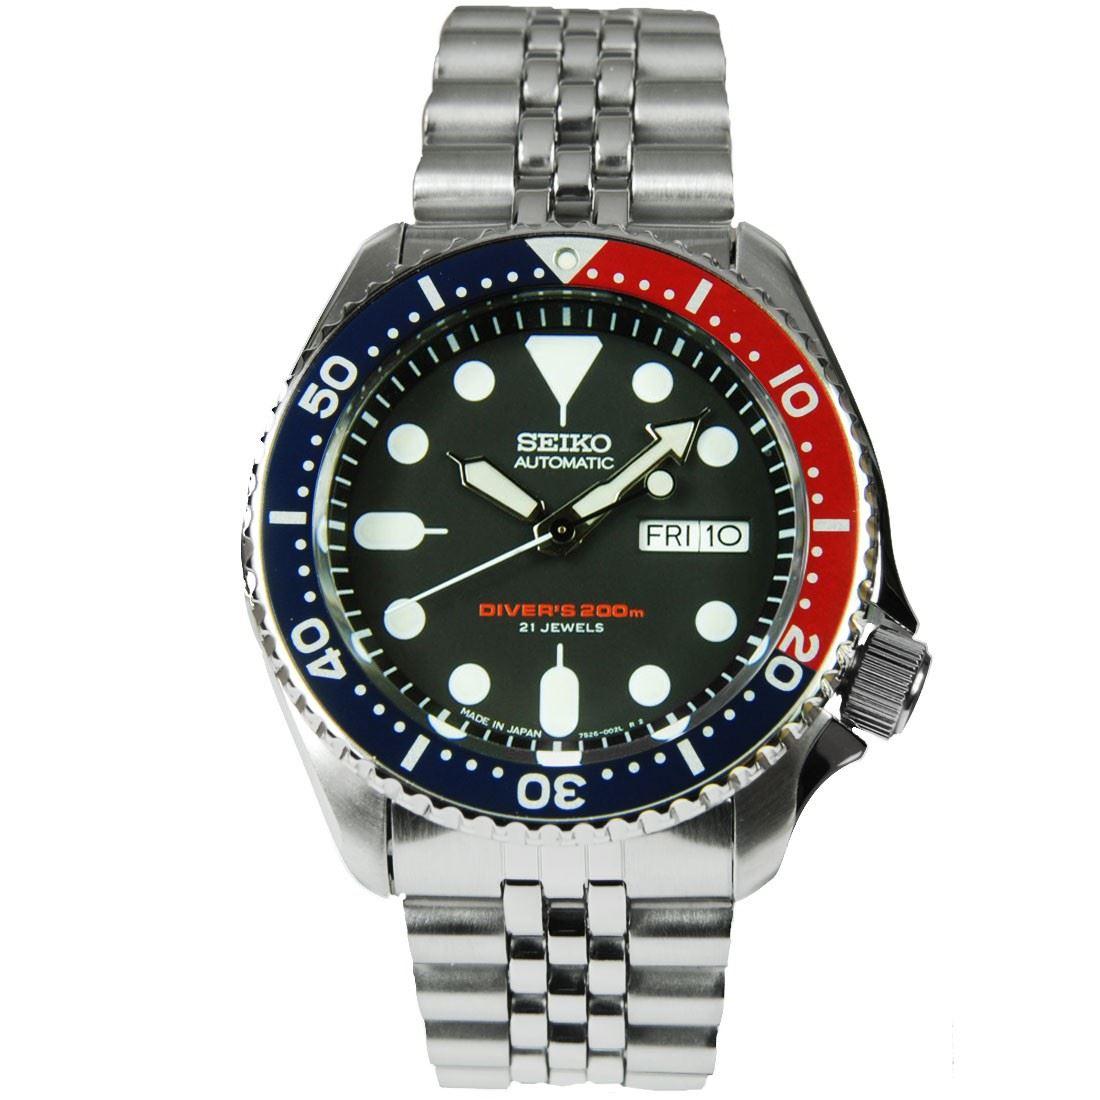 TOP-SELLING-Seiko-SKX009-SKX009J1-SKX009J2-SKX009K1-SKX009K2-Pepsi-Dive-Watch thumbnail 12